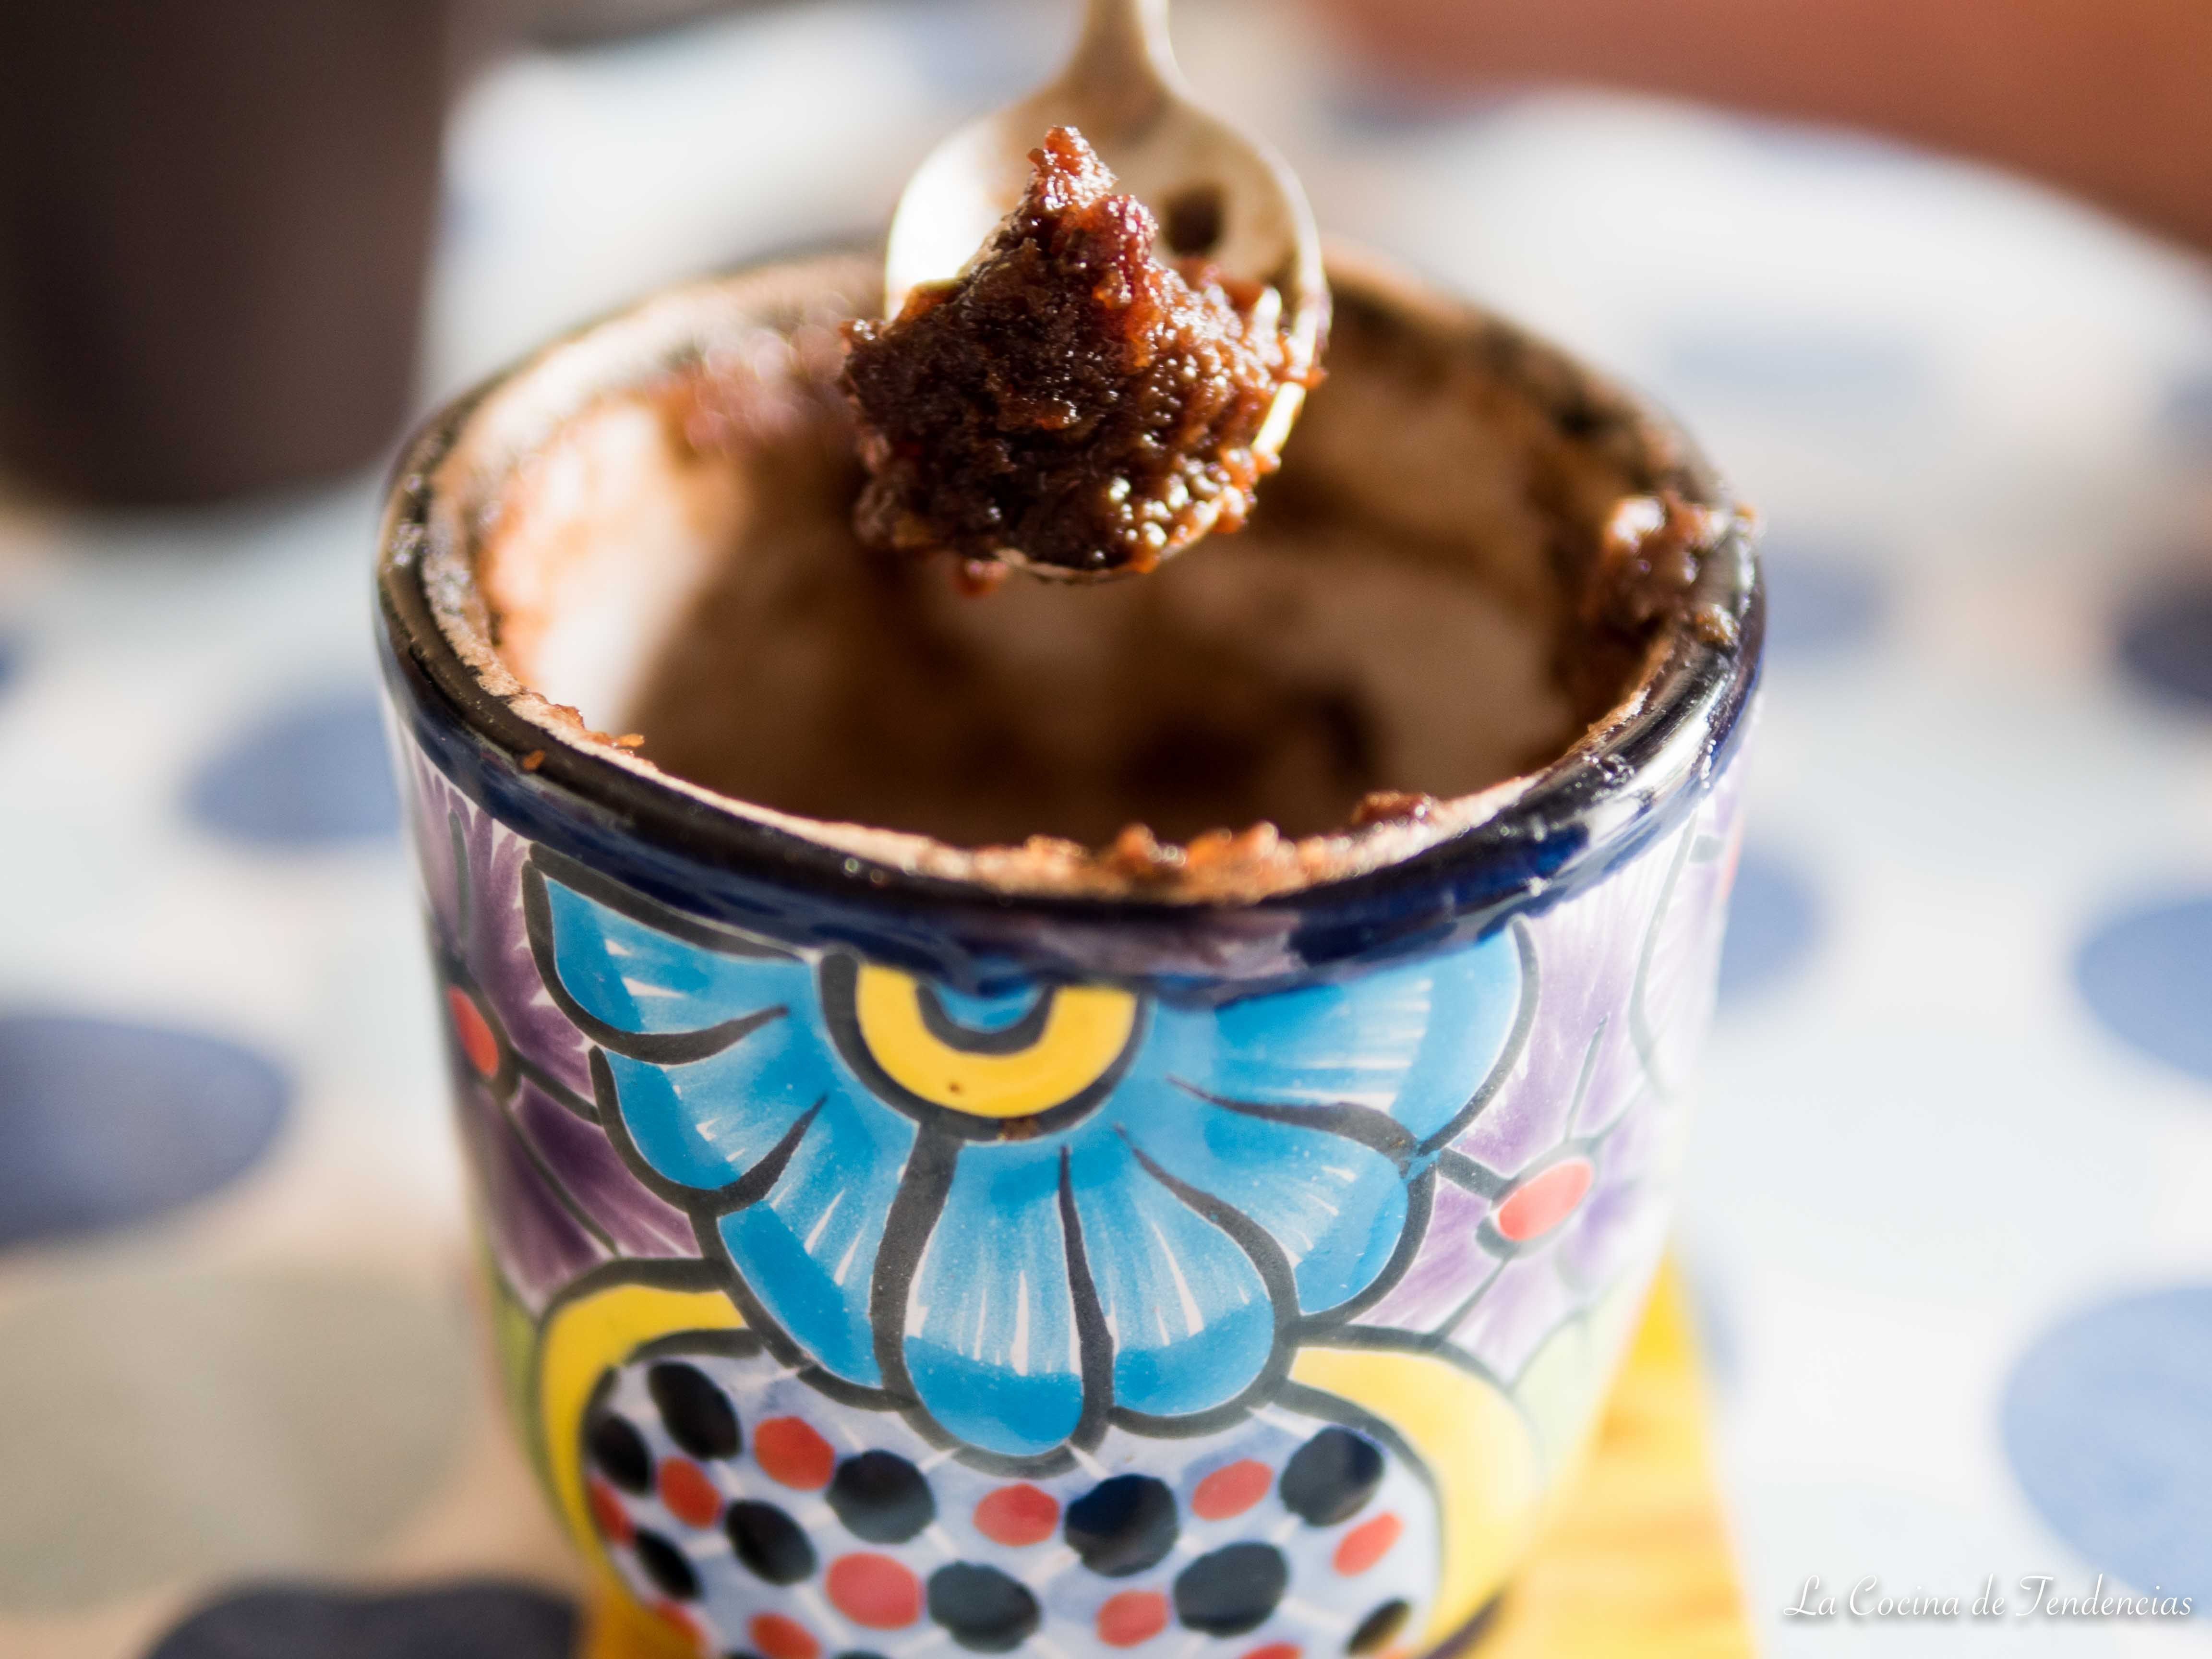 Mug Cake de Nutella> http://lacocinadetendencias.com/sabroso-mug-cake-de-nutella/